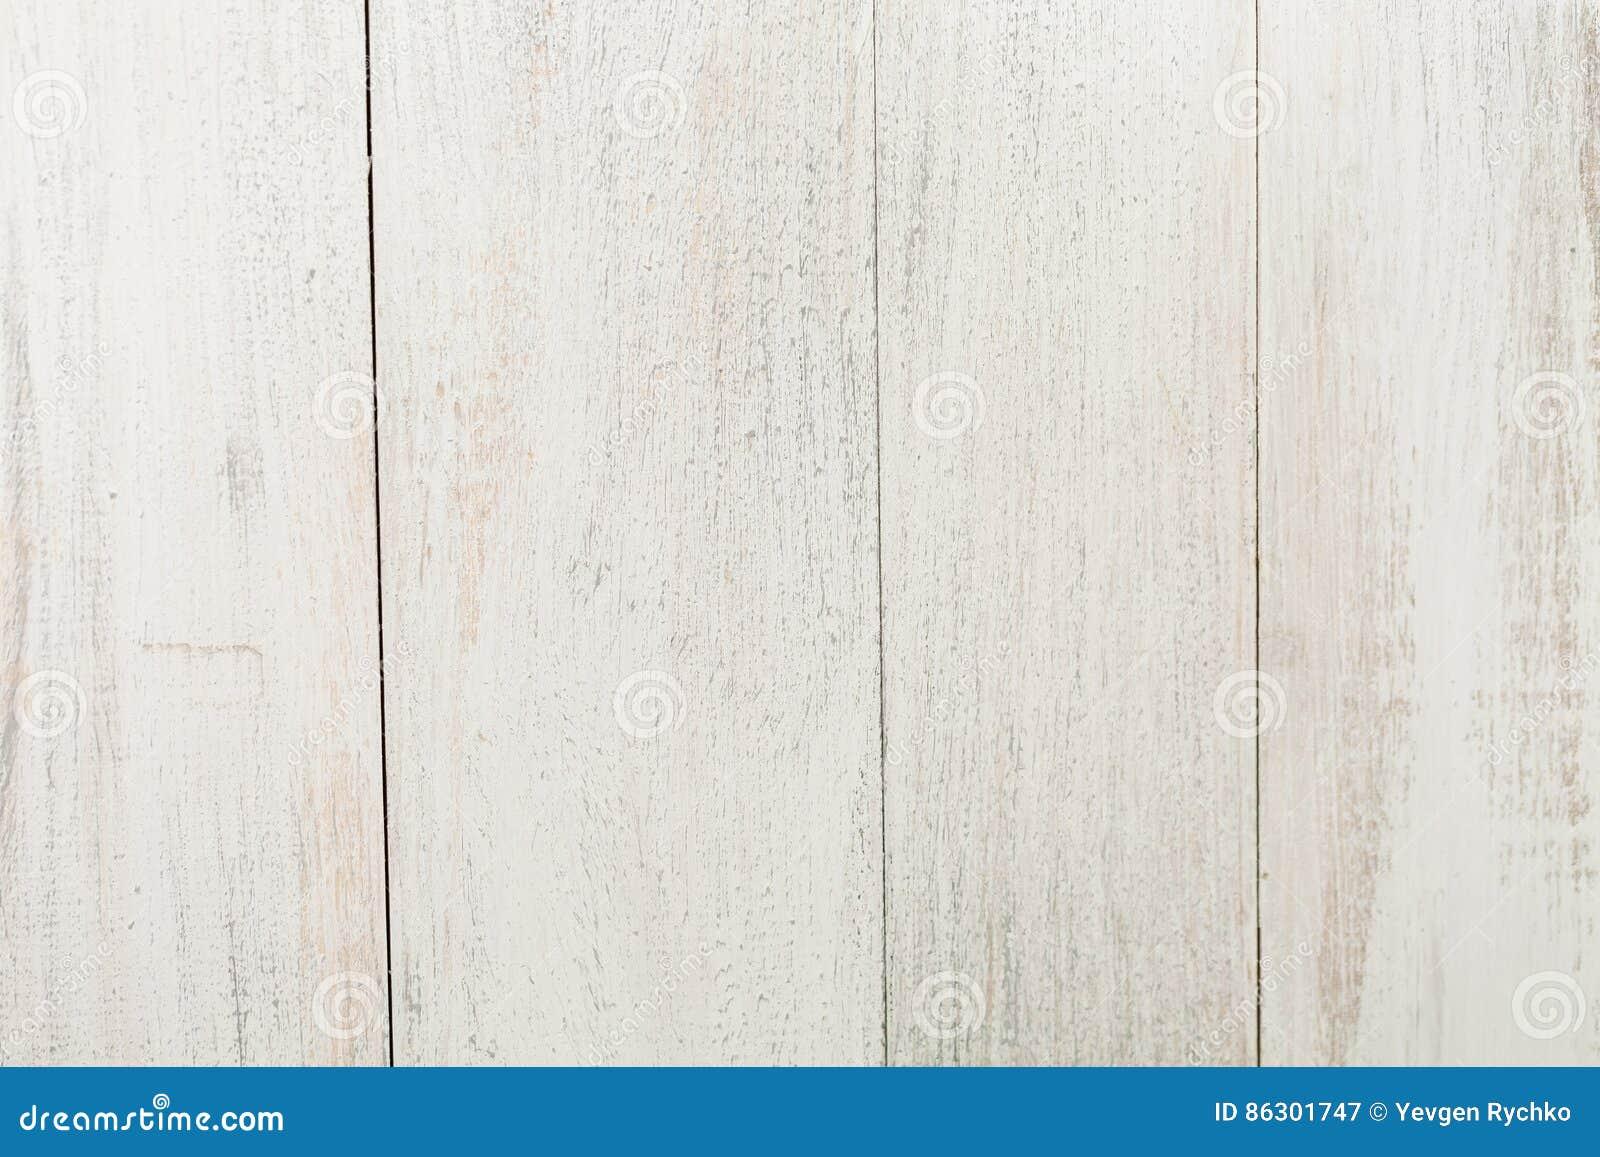 Tablero de madera texturizado blanco fondo blanco imagen de archivo imagen de entarimado - Tablero blanco ...